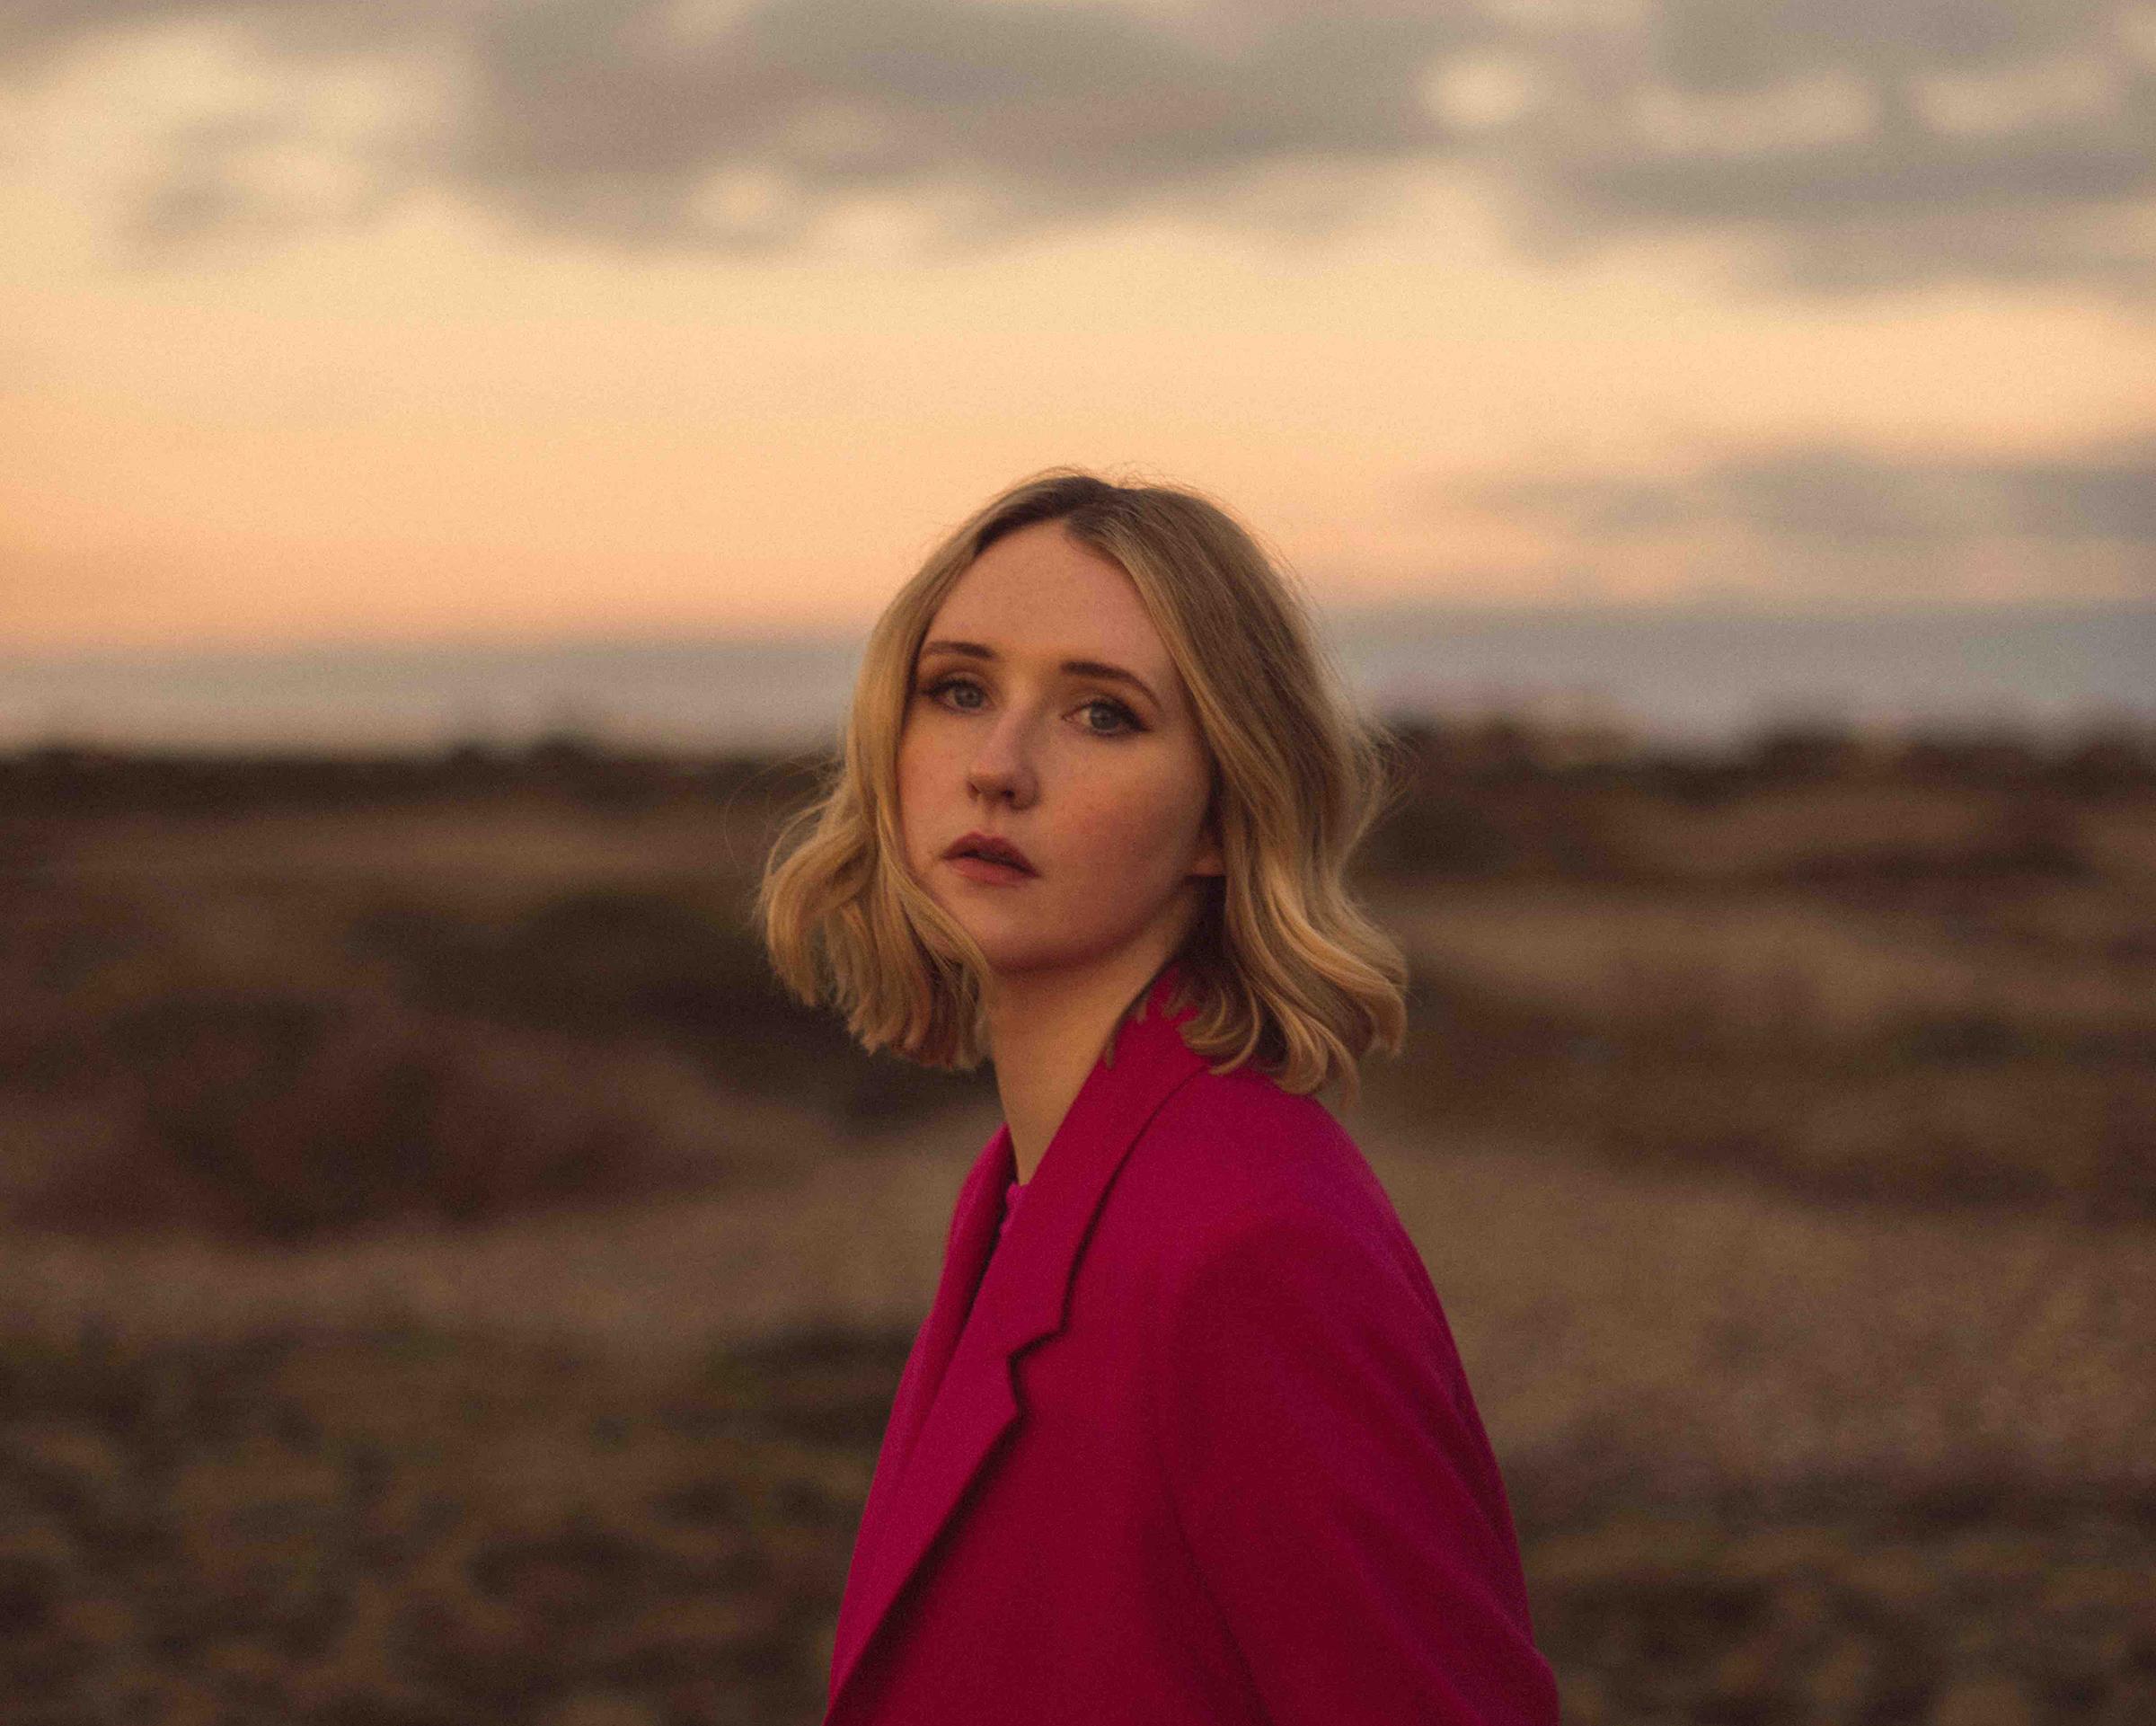 INTERVIEW with rising Irish singer-songwriter LILLA VARGEN